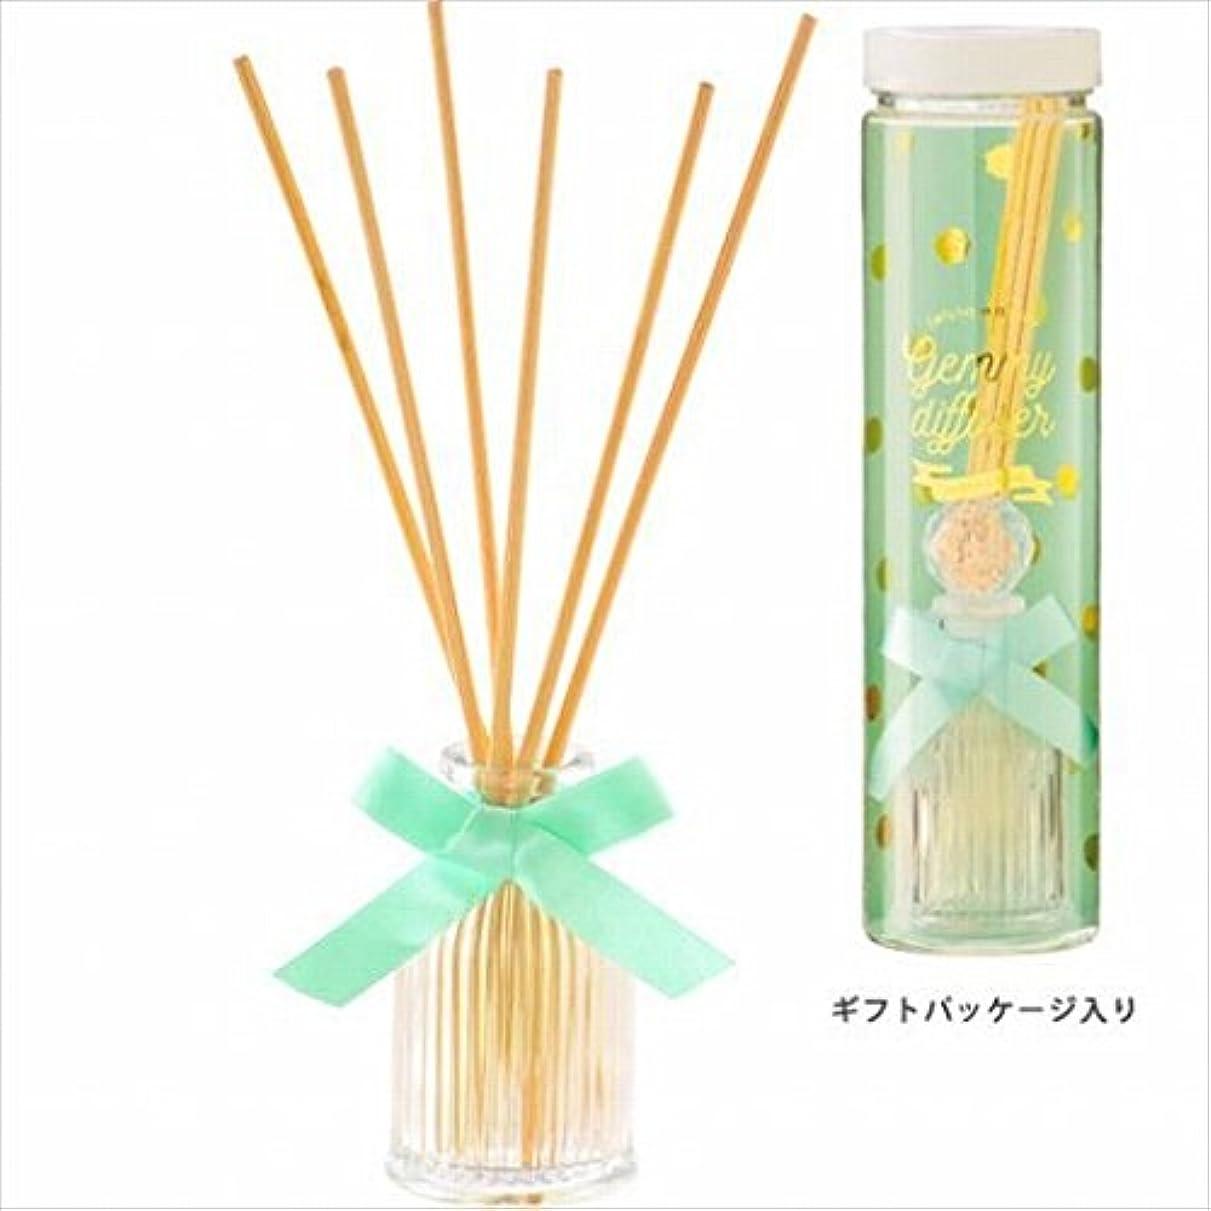 ラベル雇用者無効カメヤマキャンドル(kameyama candle) GEMMY (ジェミー) ディフューザー 「 タイム 」6個セット